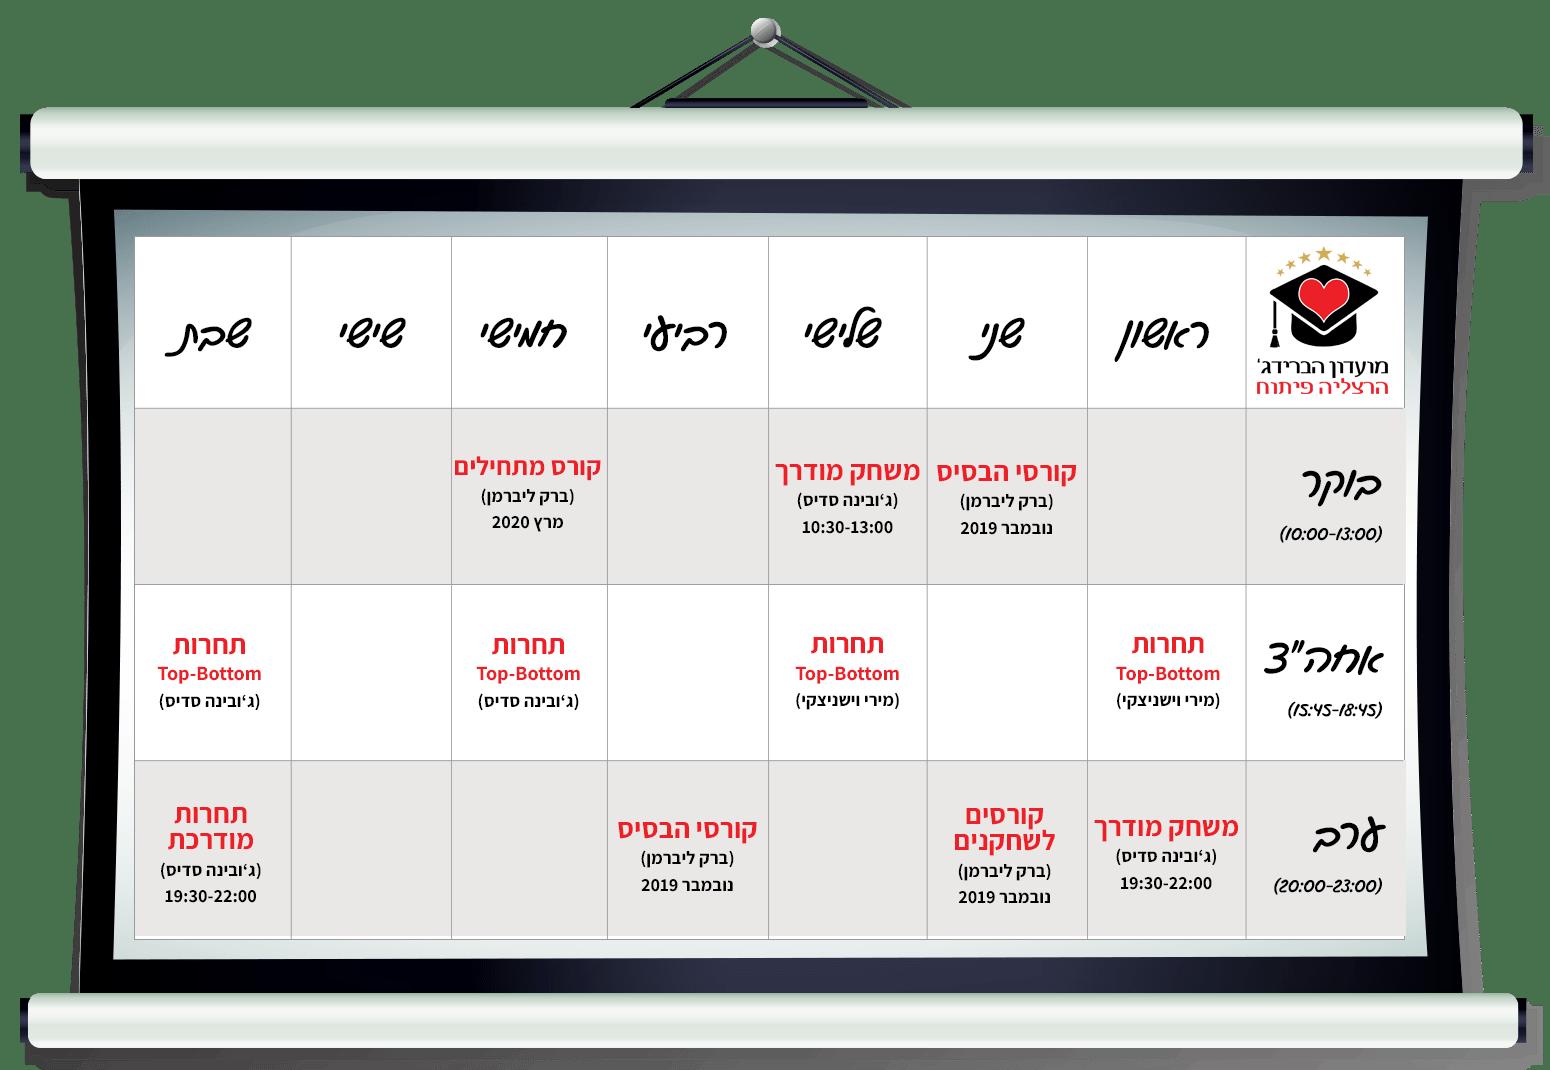 לוח פעילויות - מועדון הברידג' הרצליה פיתוח